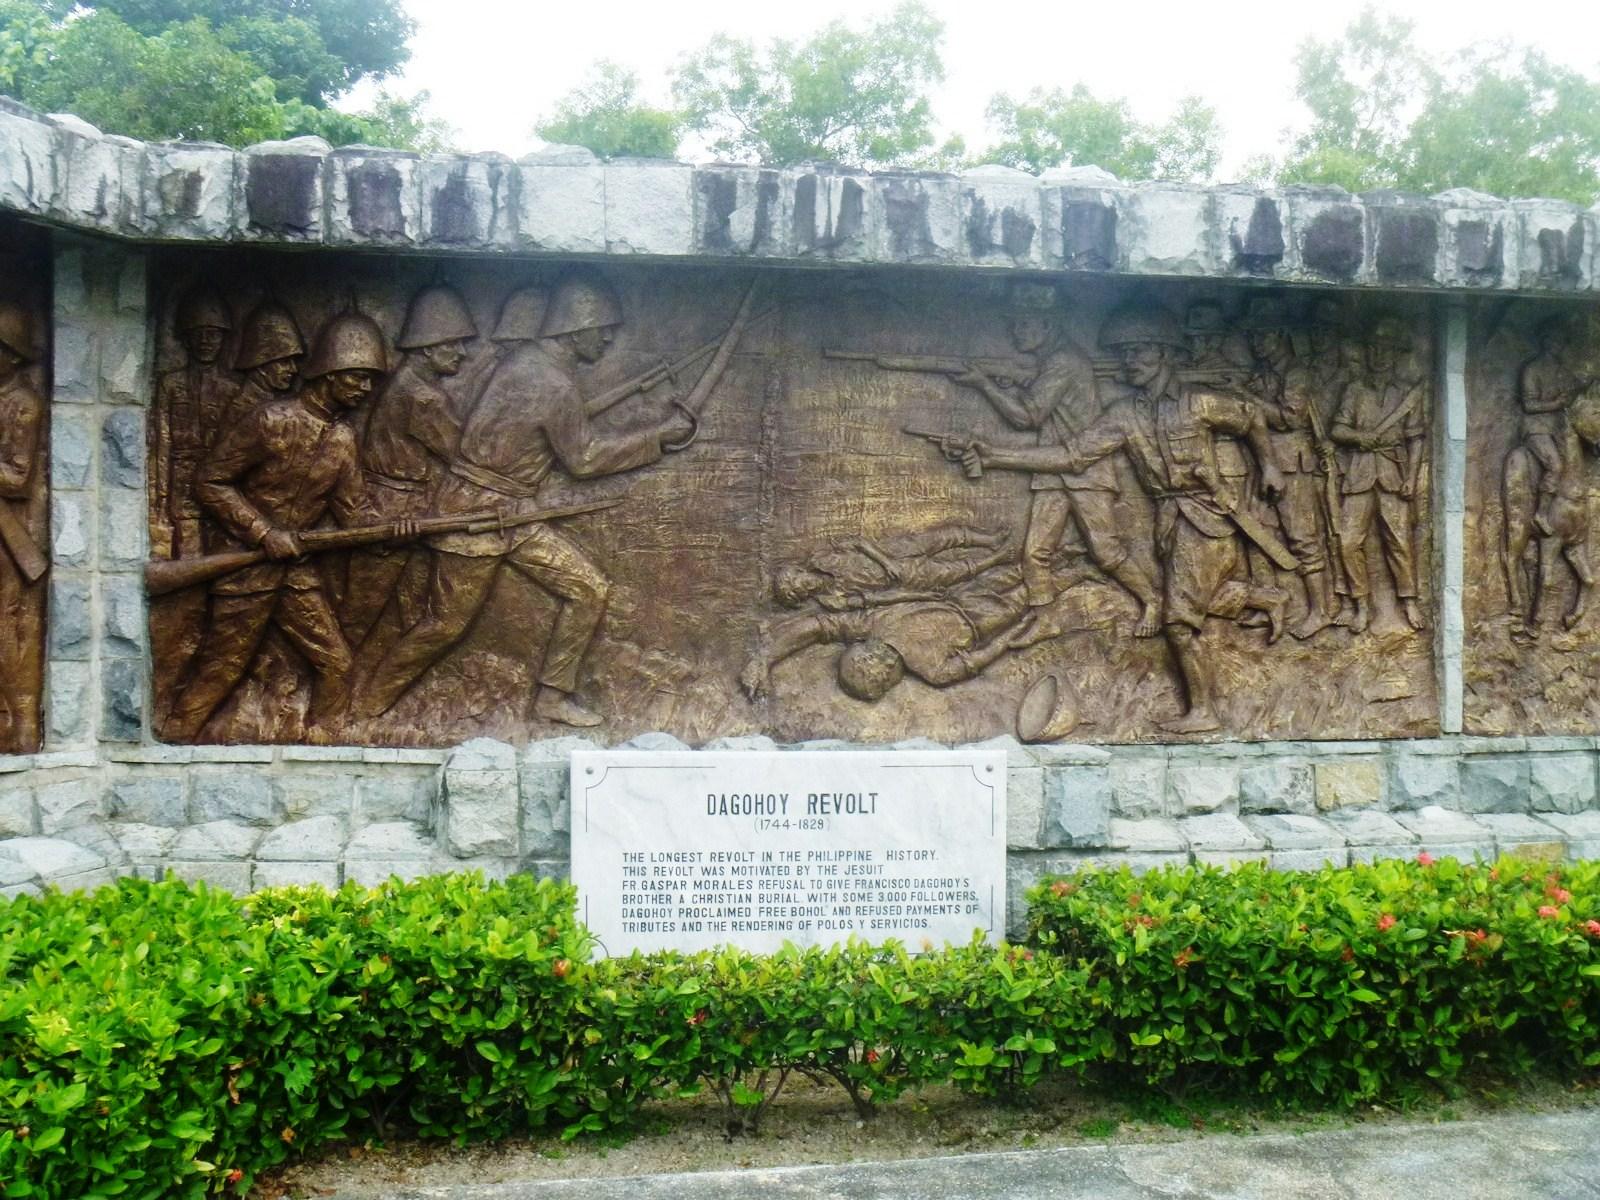 Dagohoy Rebellion, Philippine History